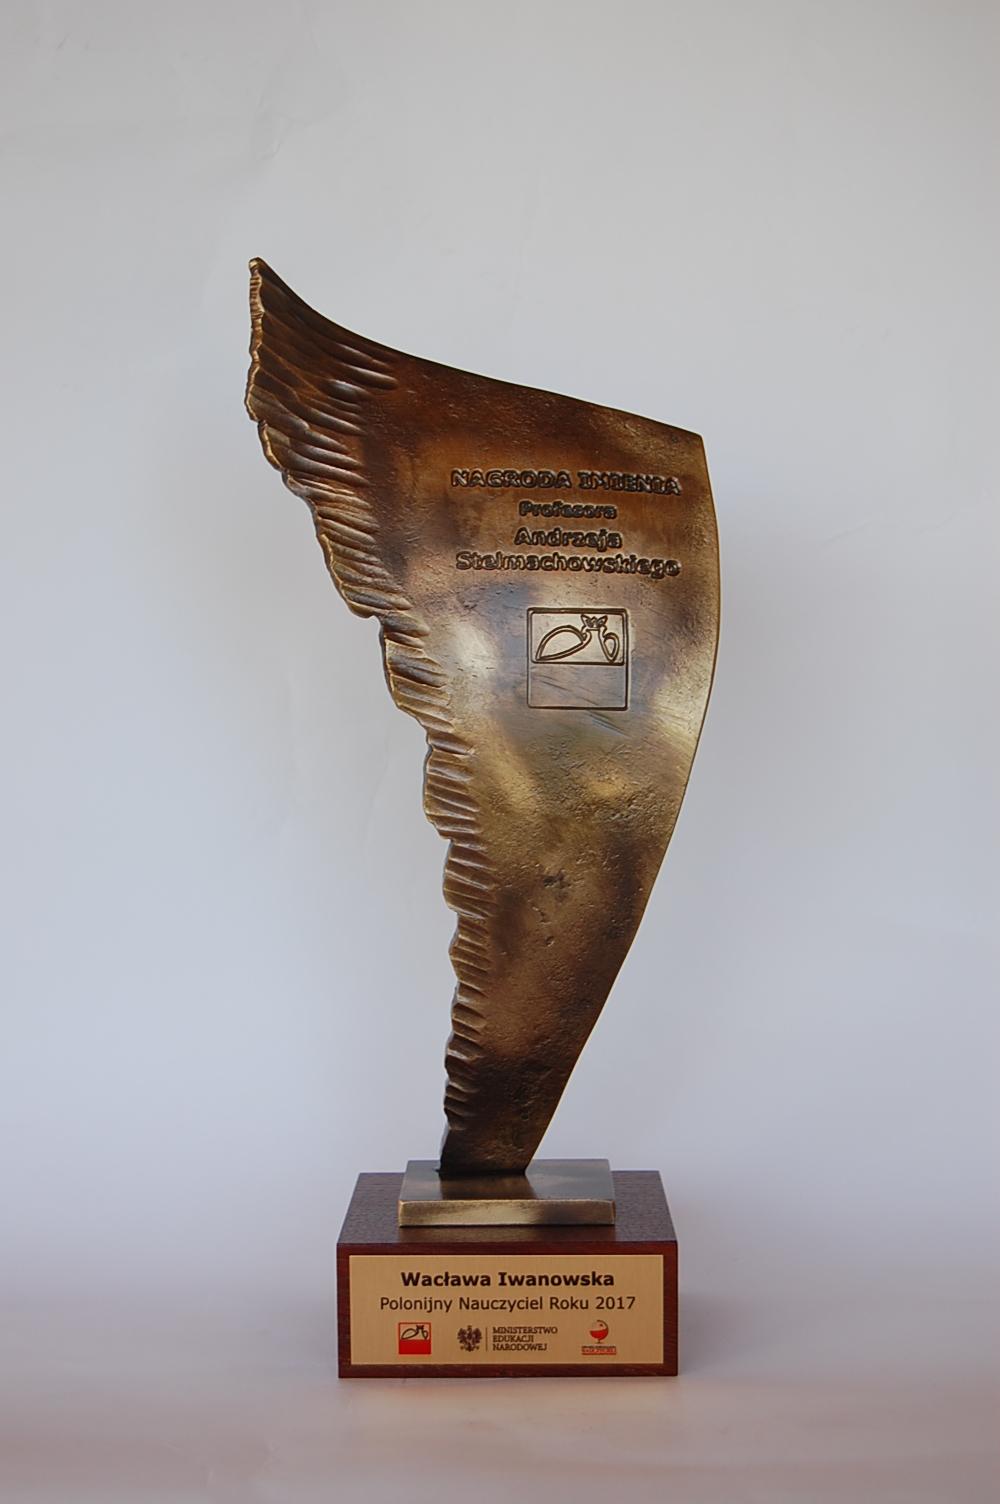 Konkurs Polonijny Nauczyciel Roku – II edycja: 2018